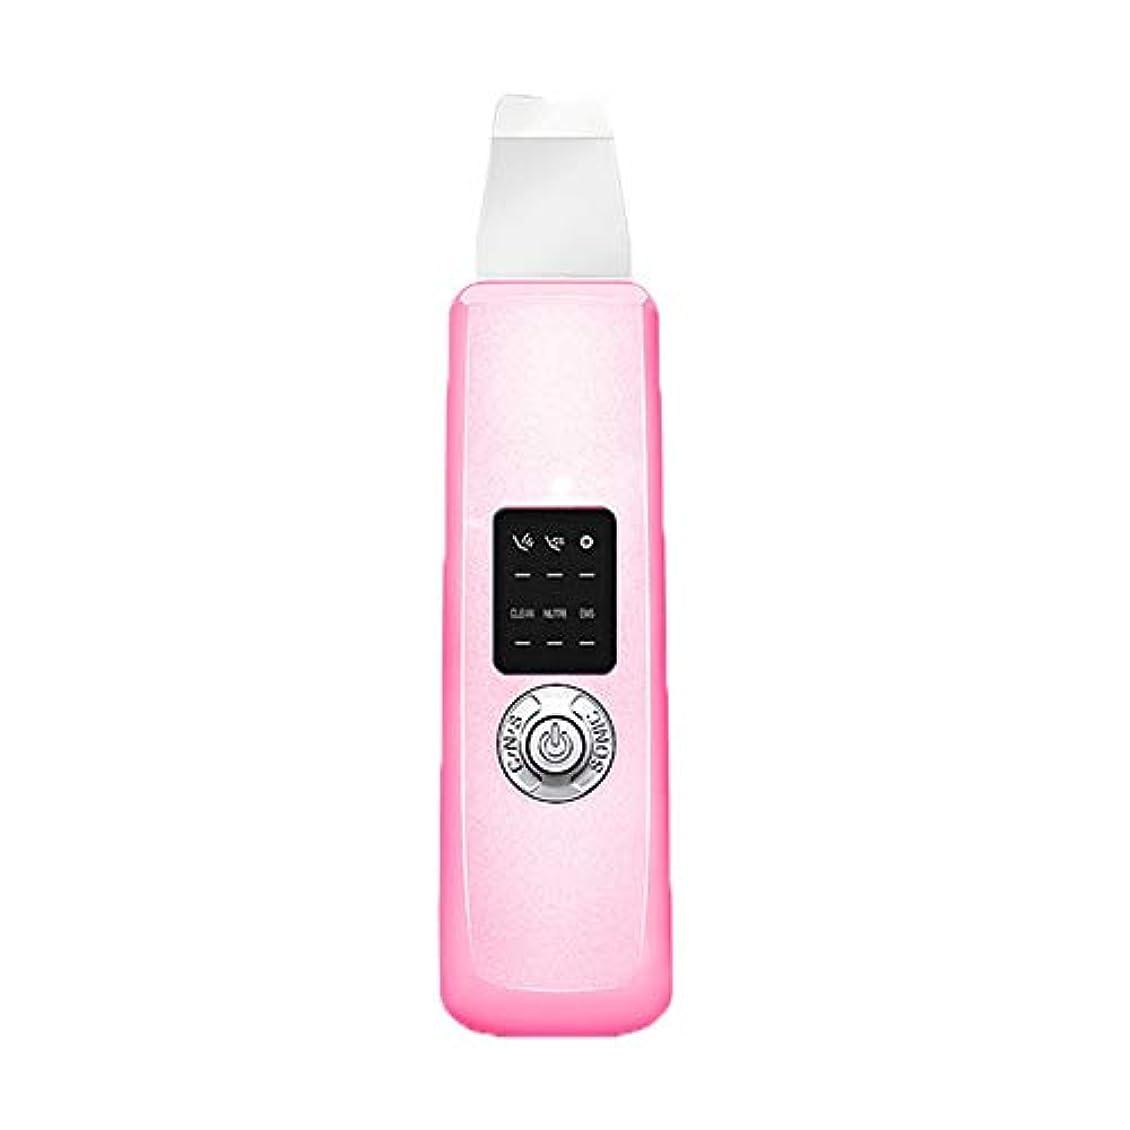 肌愛するサドルにきび除去剤、にきび毛穴クリーナーにきびに電気吸引ブラックヘッドアーティファクト電子美容洗剤,ピンク